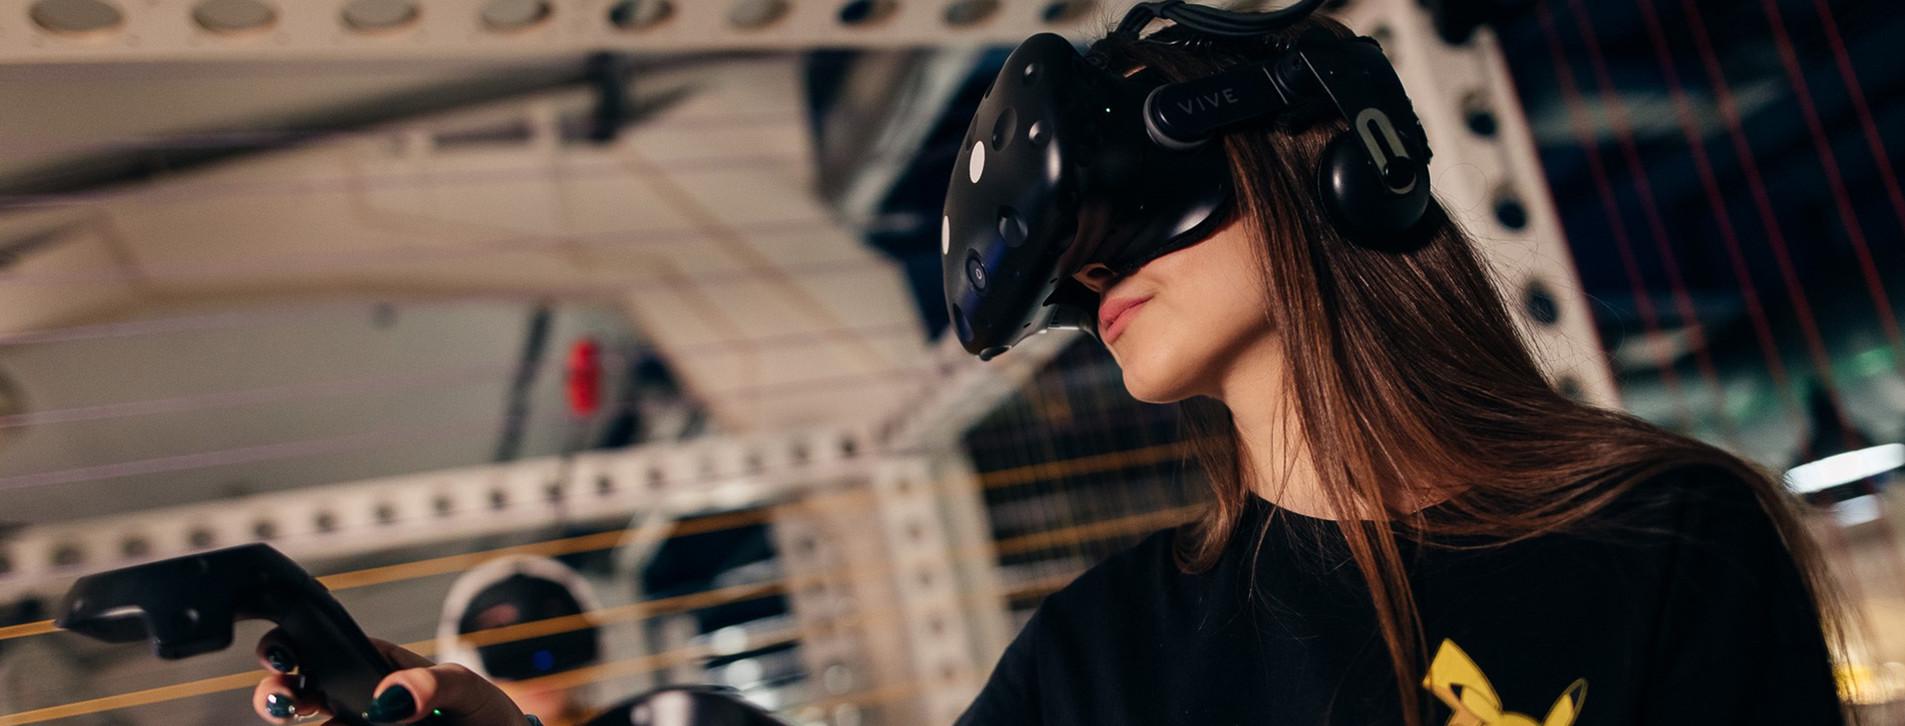 Фото - Занурення у світ VR-ігор для компанії